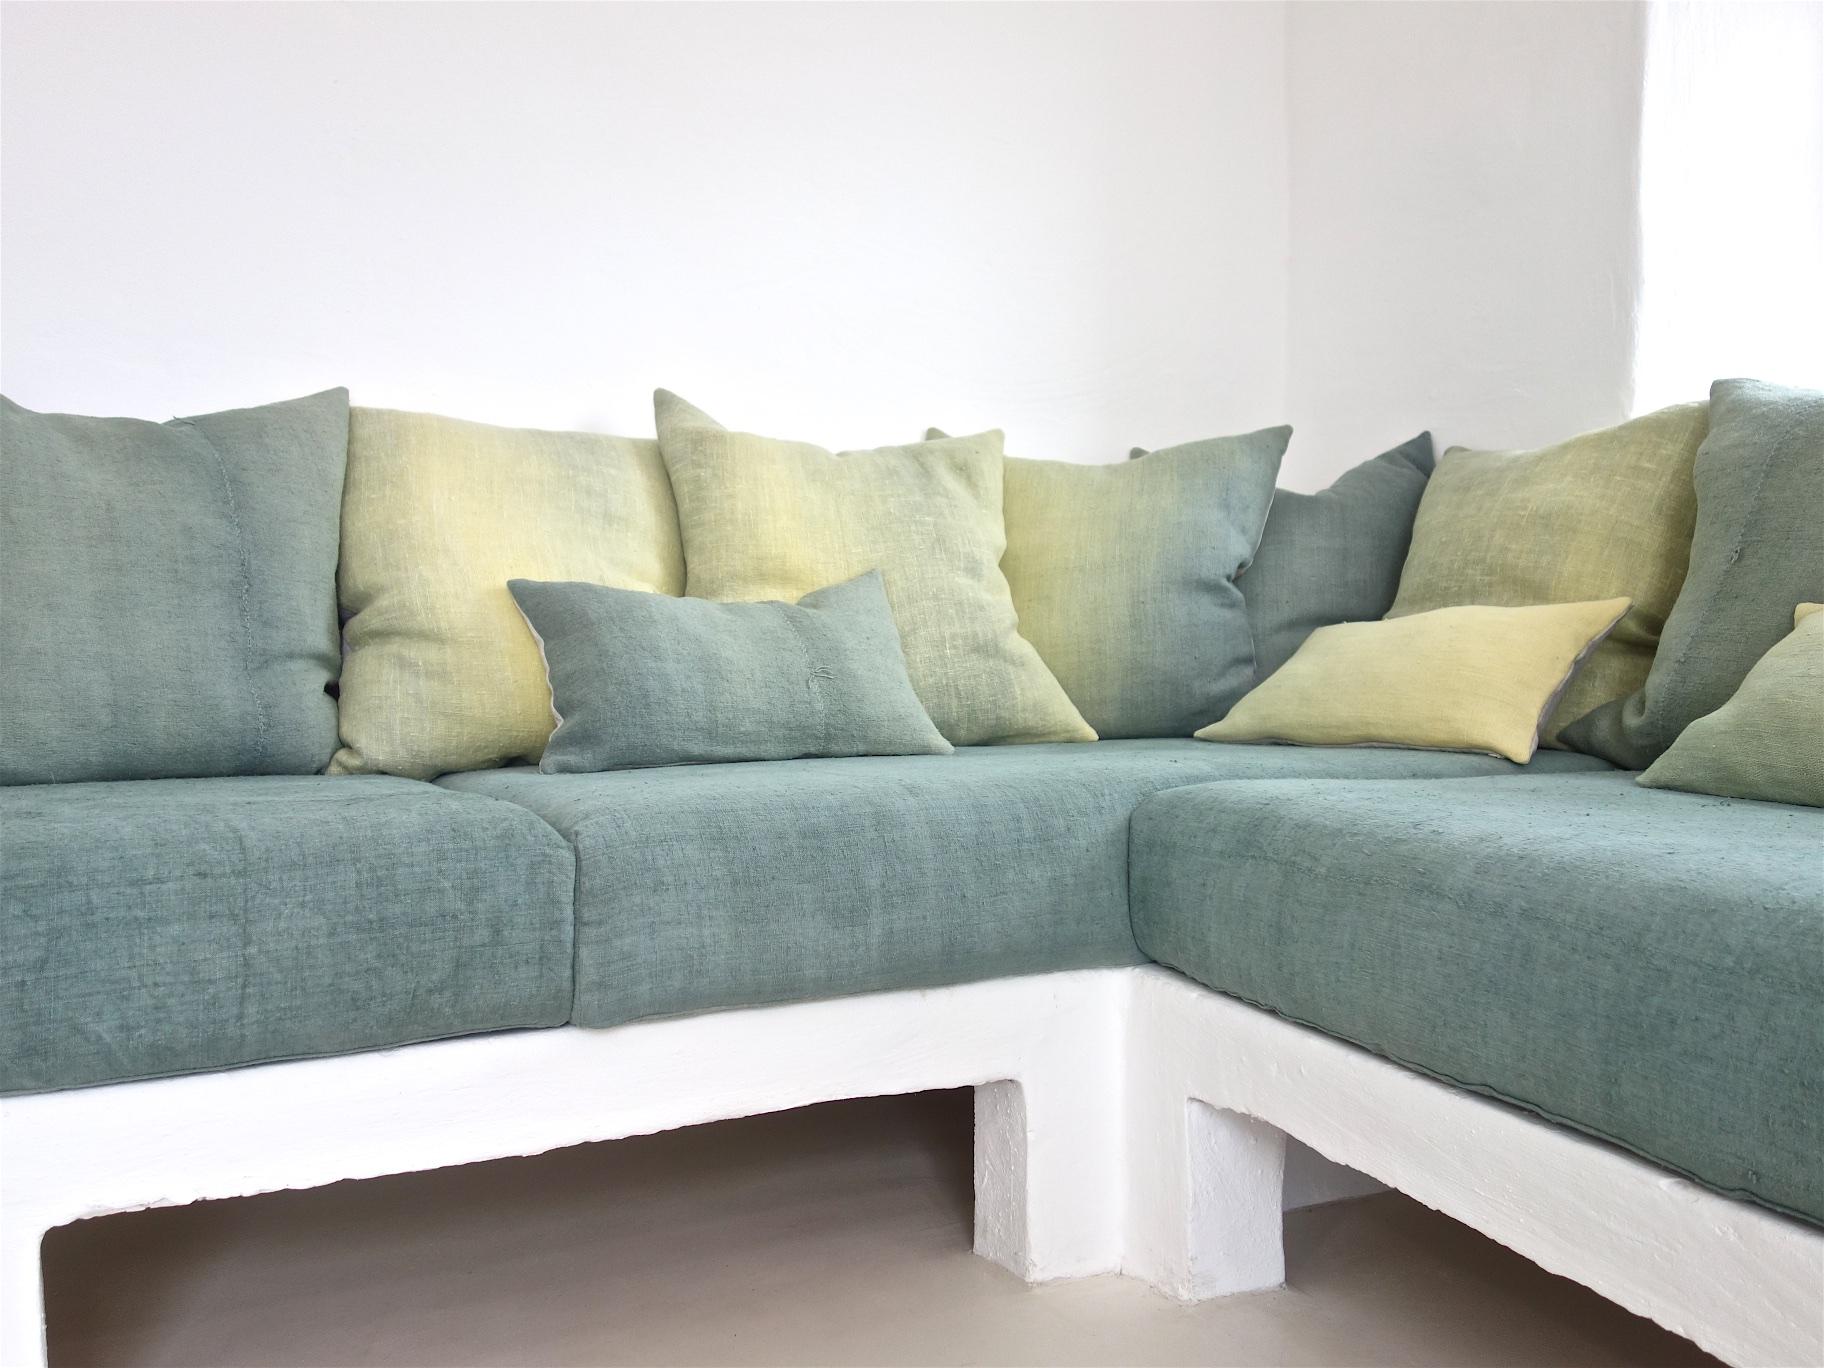 espanyolet_vintage_hemp_couch_corner_green5.jpg